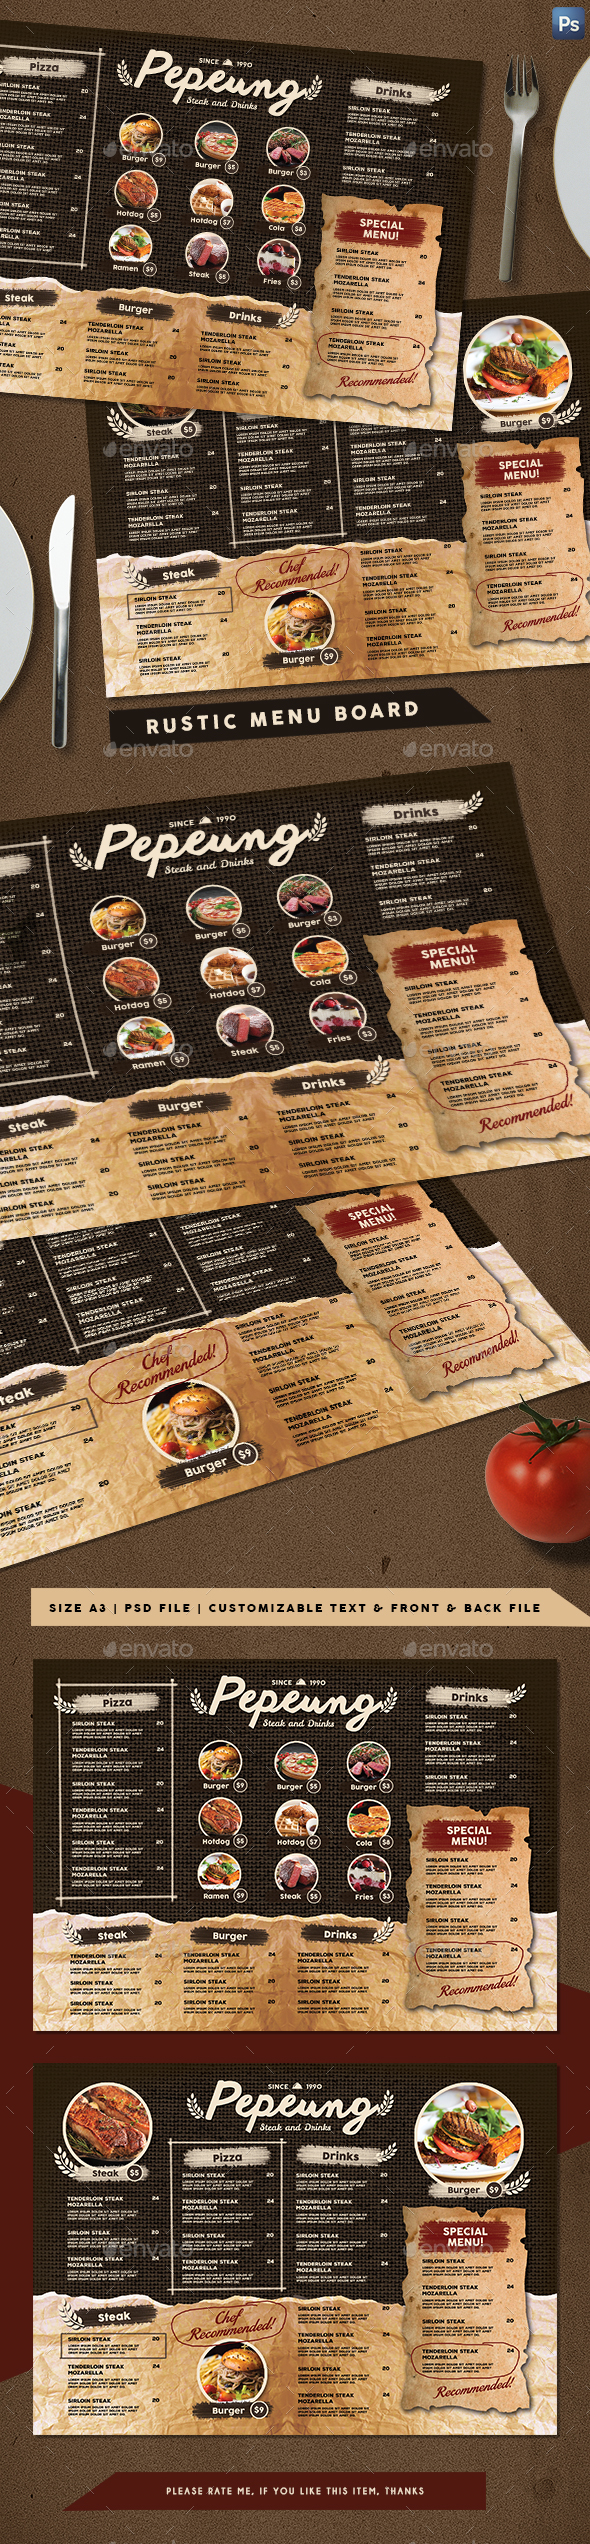 Rustic Cafe Menu Board - Food Menus Print Templates